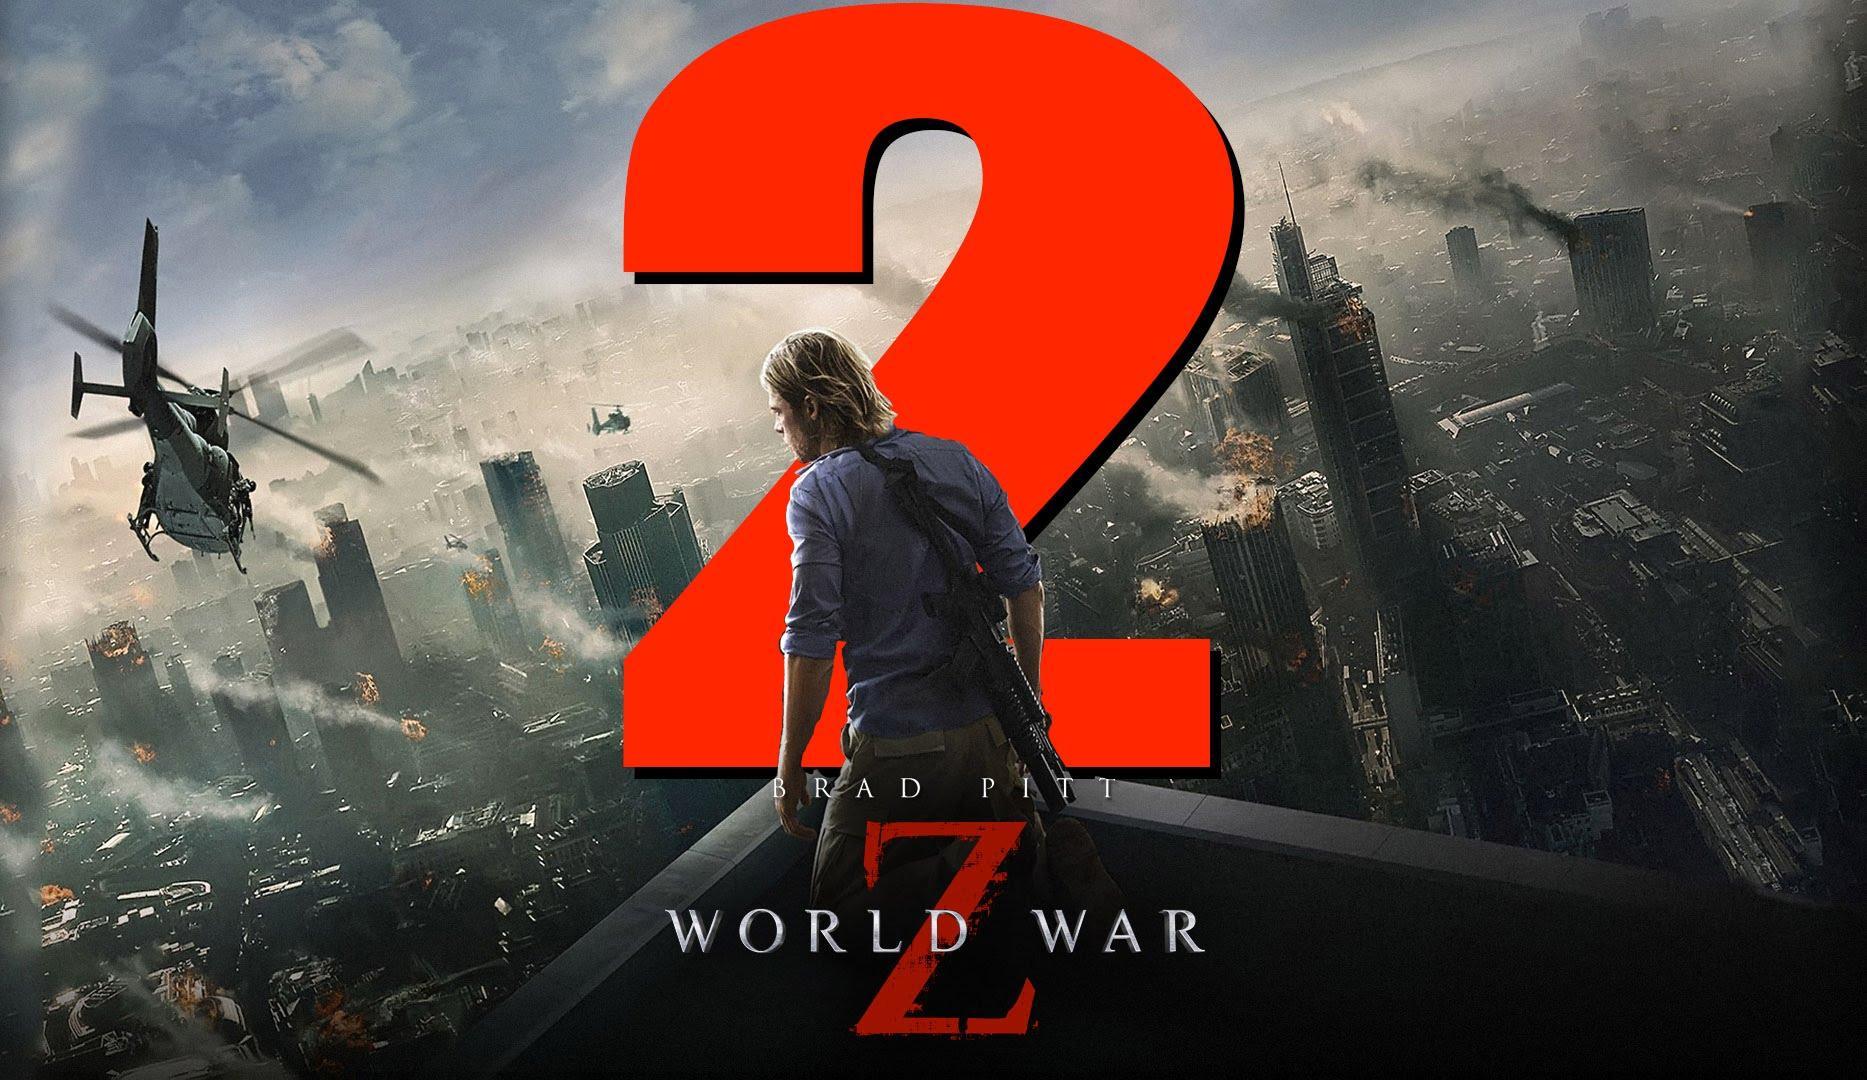 Tolódik a World War Z folytatásának forgatása